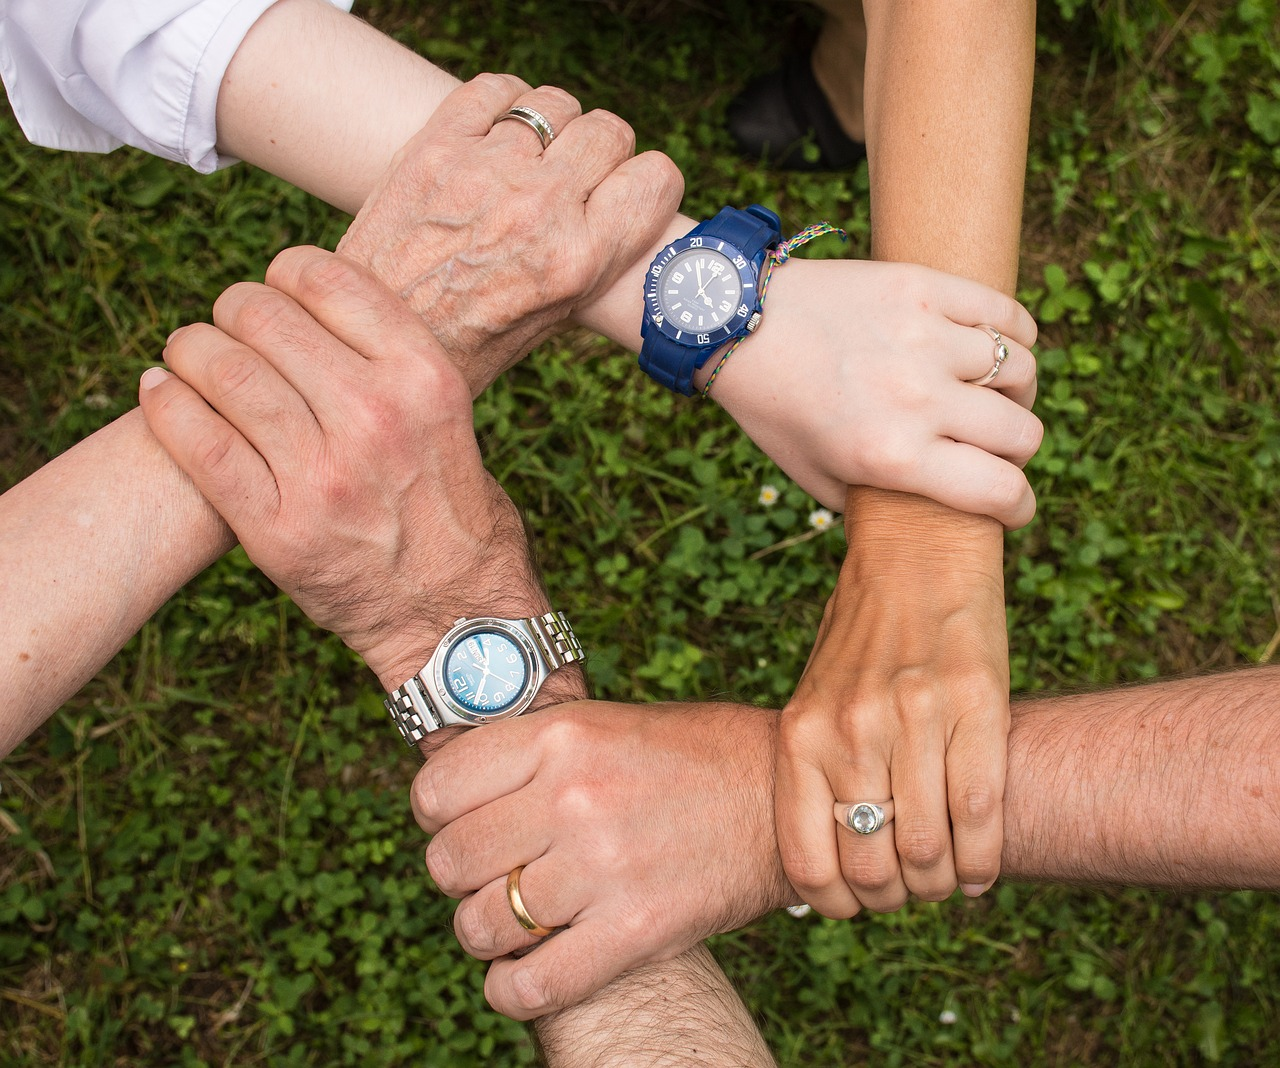 Pocos amigos, pero cercanos, la clave del bienestar para los adultos mayores en las redes sociales